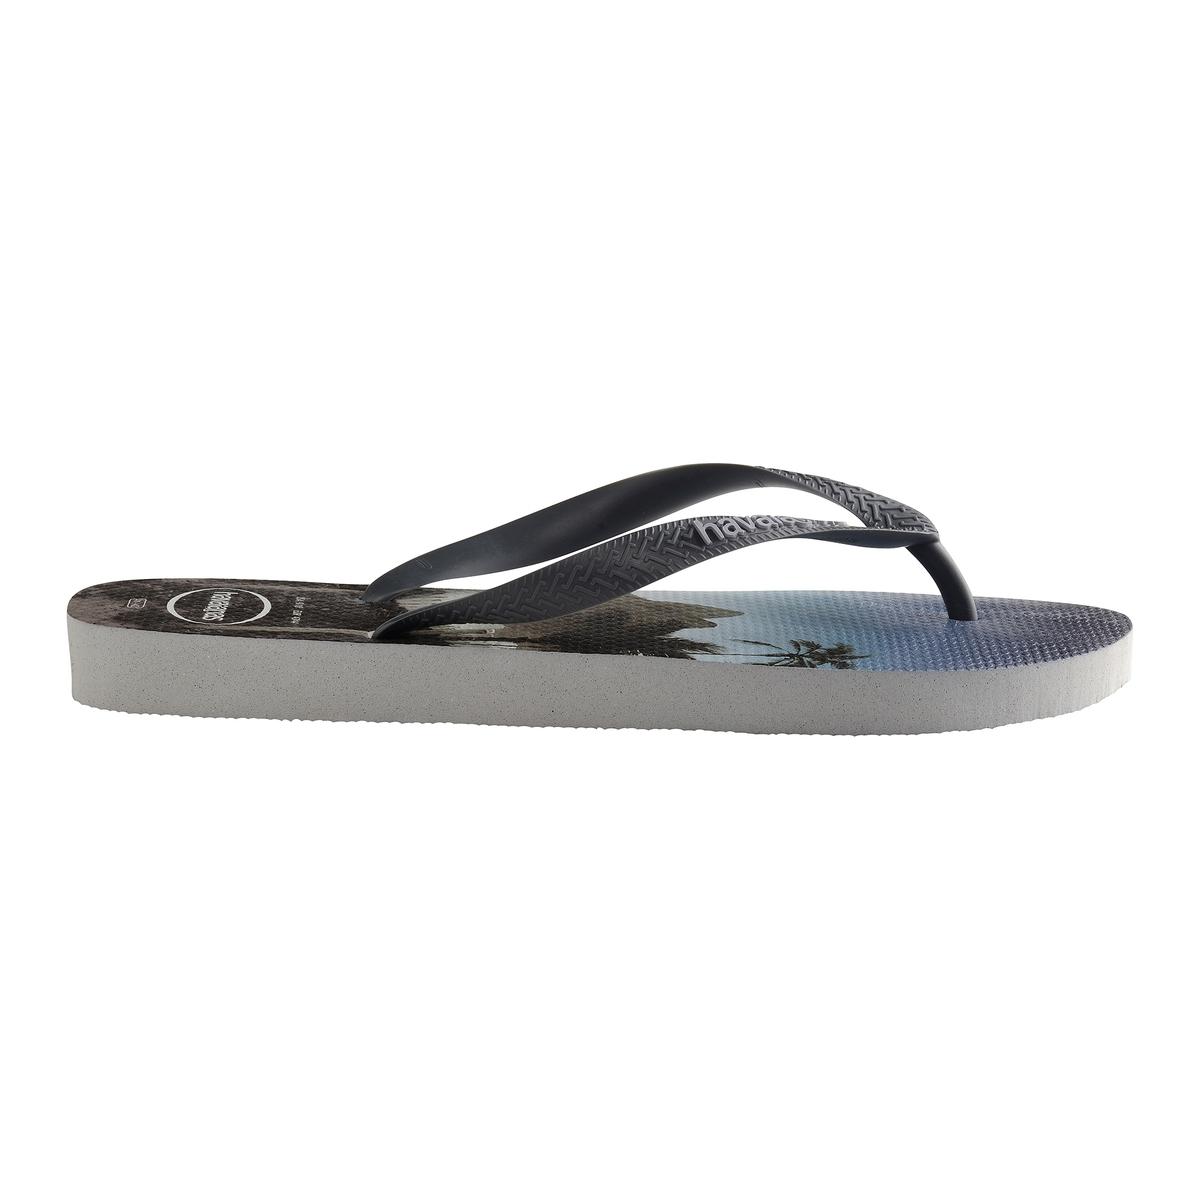 Вьетнамки HypeВерх : каучук   Стелька : каучук   Подошва : каучук   Форма каблука : плоский каблук   Мысок : открытый мысок   Застежка : без застежки<br><br>Цвет: рисунок/серый<br>Размер: 43/44